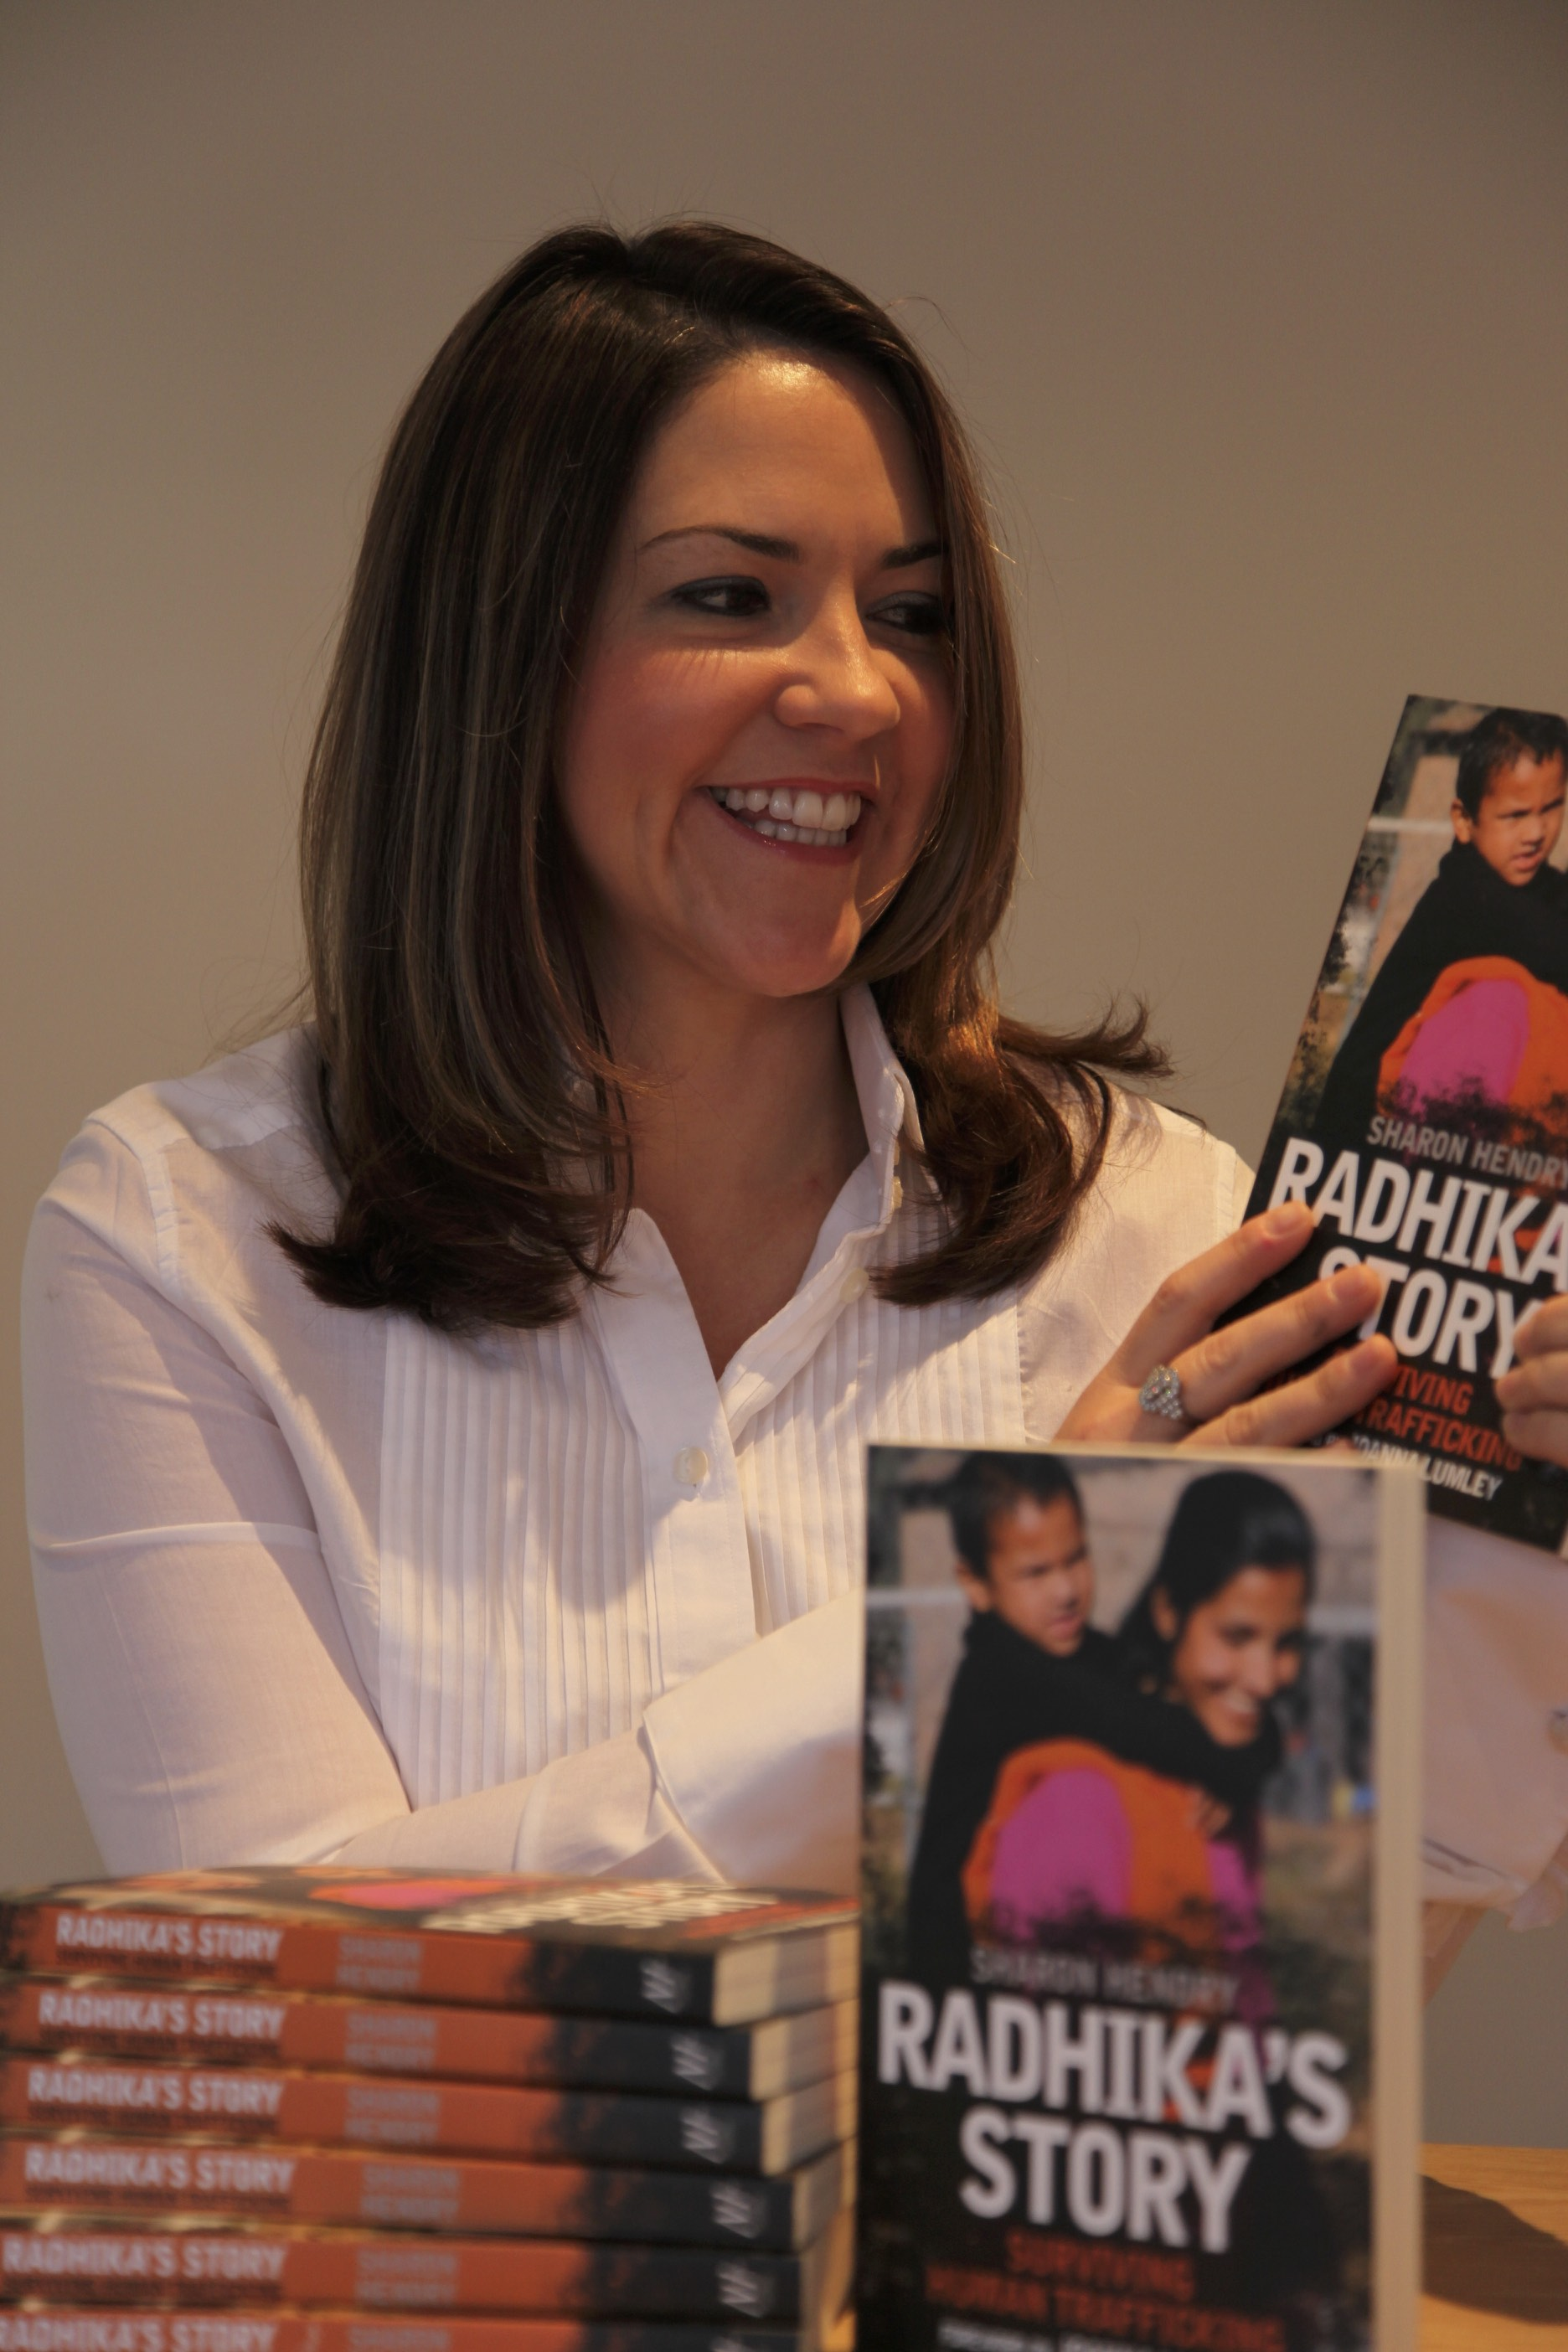 Sharon Hendry book launch